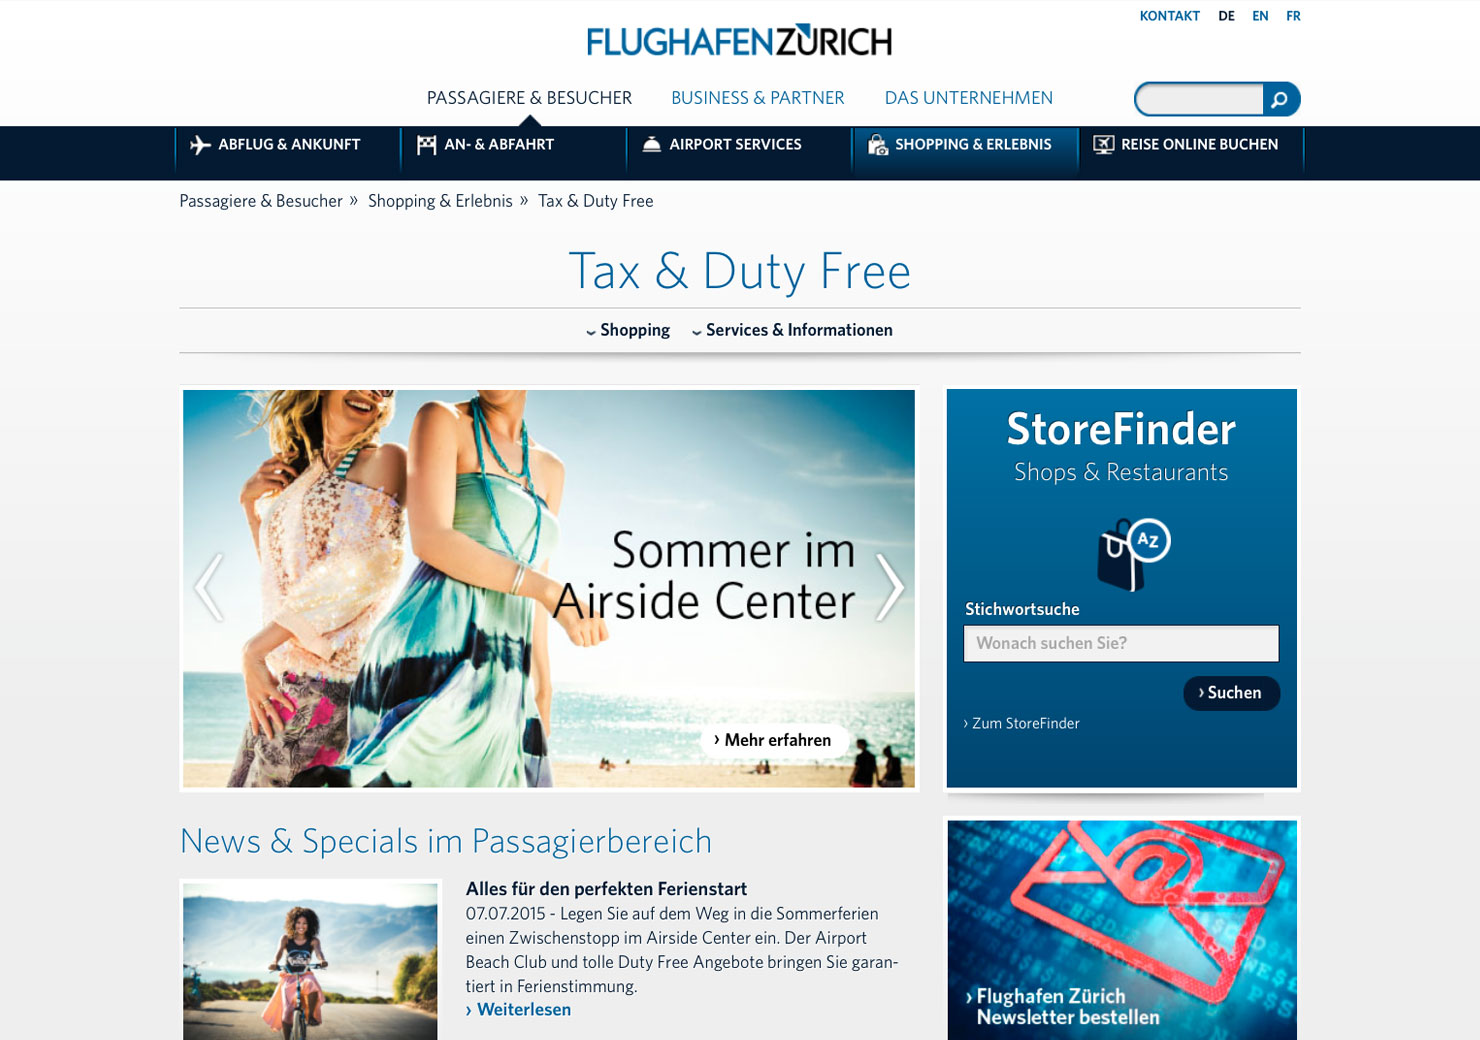 Startseite Flughafen Zürich slide 1